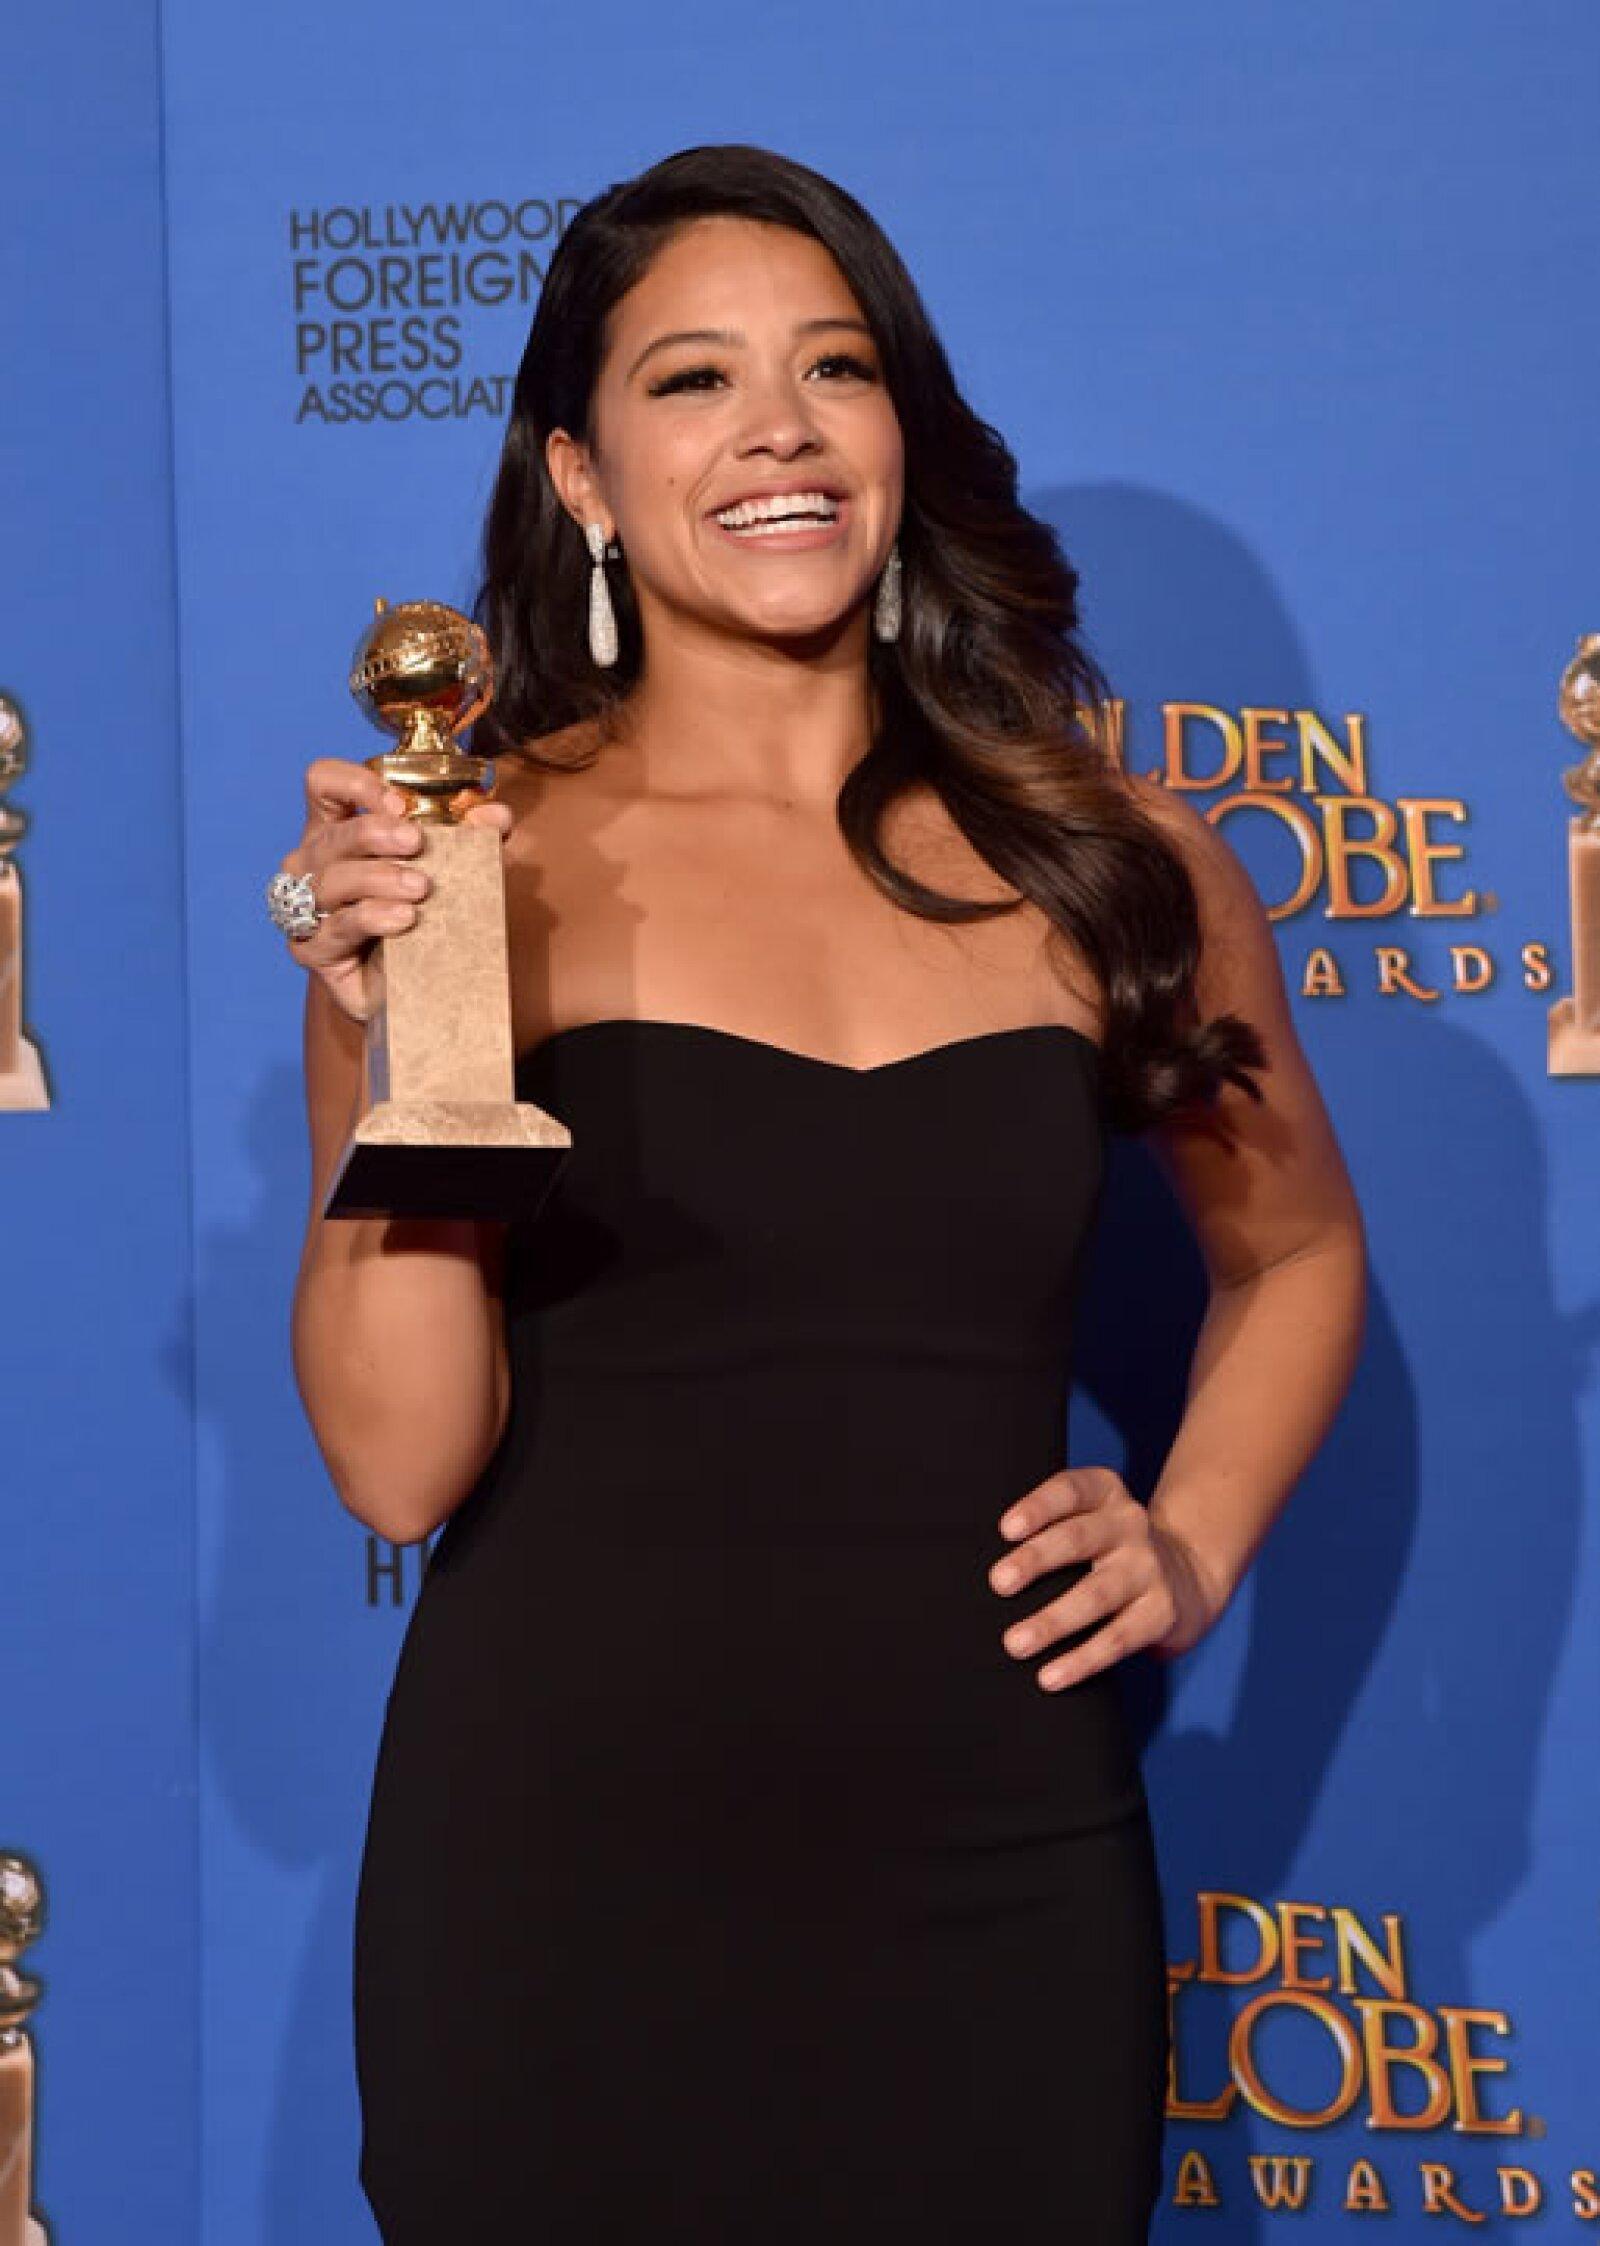 La Mejor actriz de comedia en televisión fue Gina Rodriguez con Jane The Virgin.